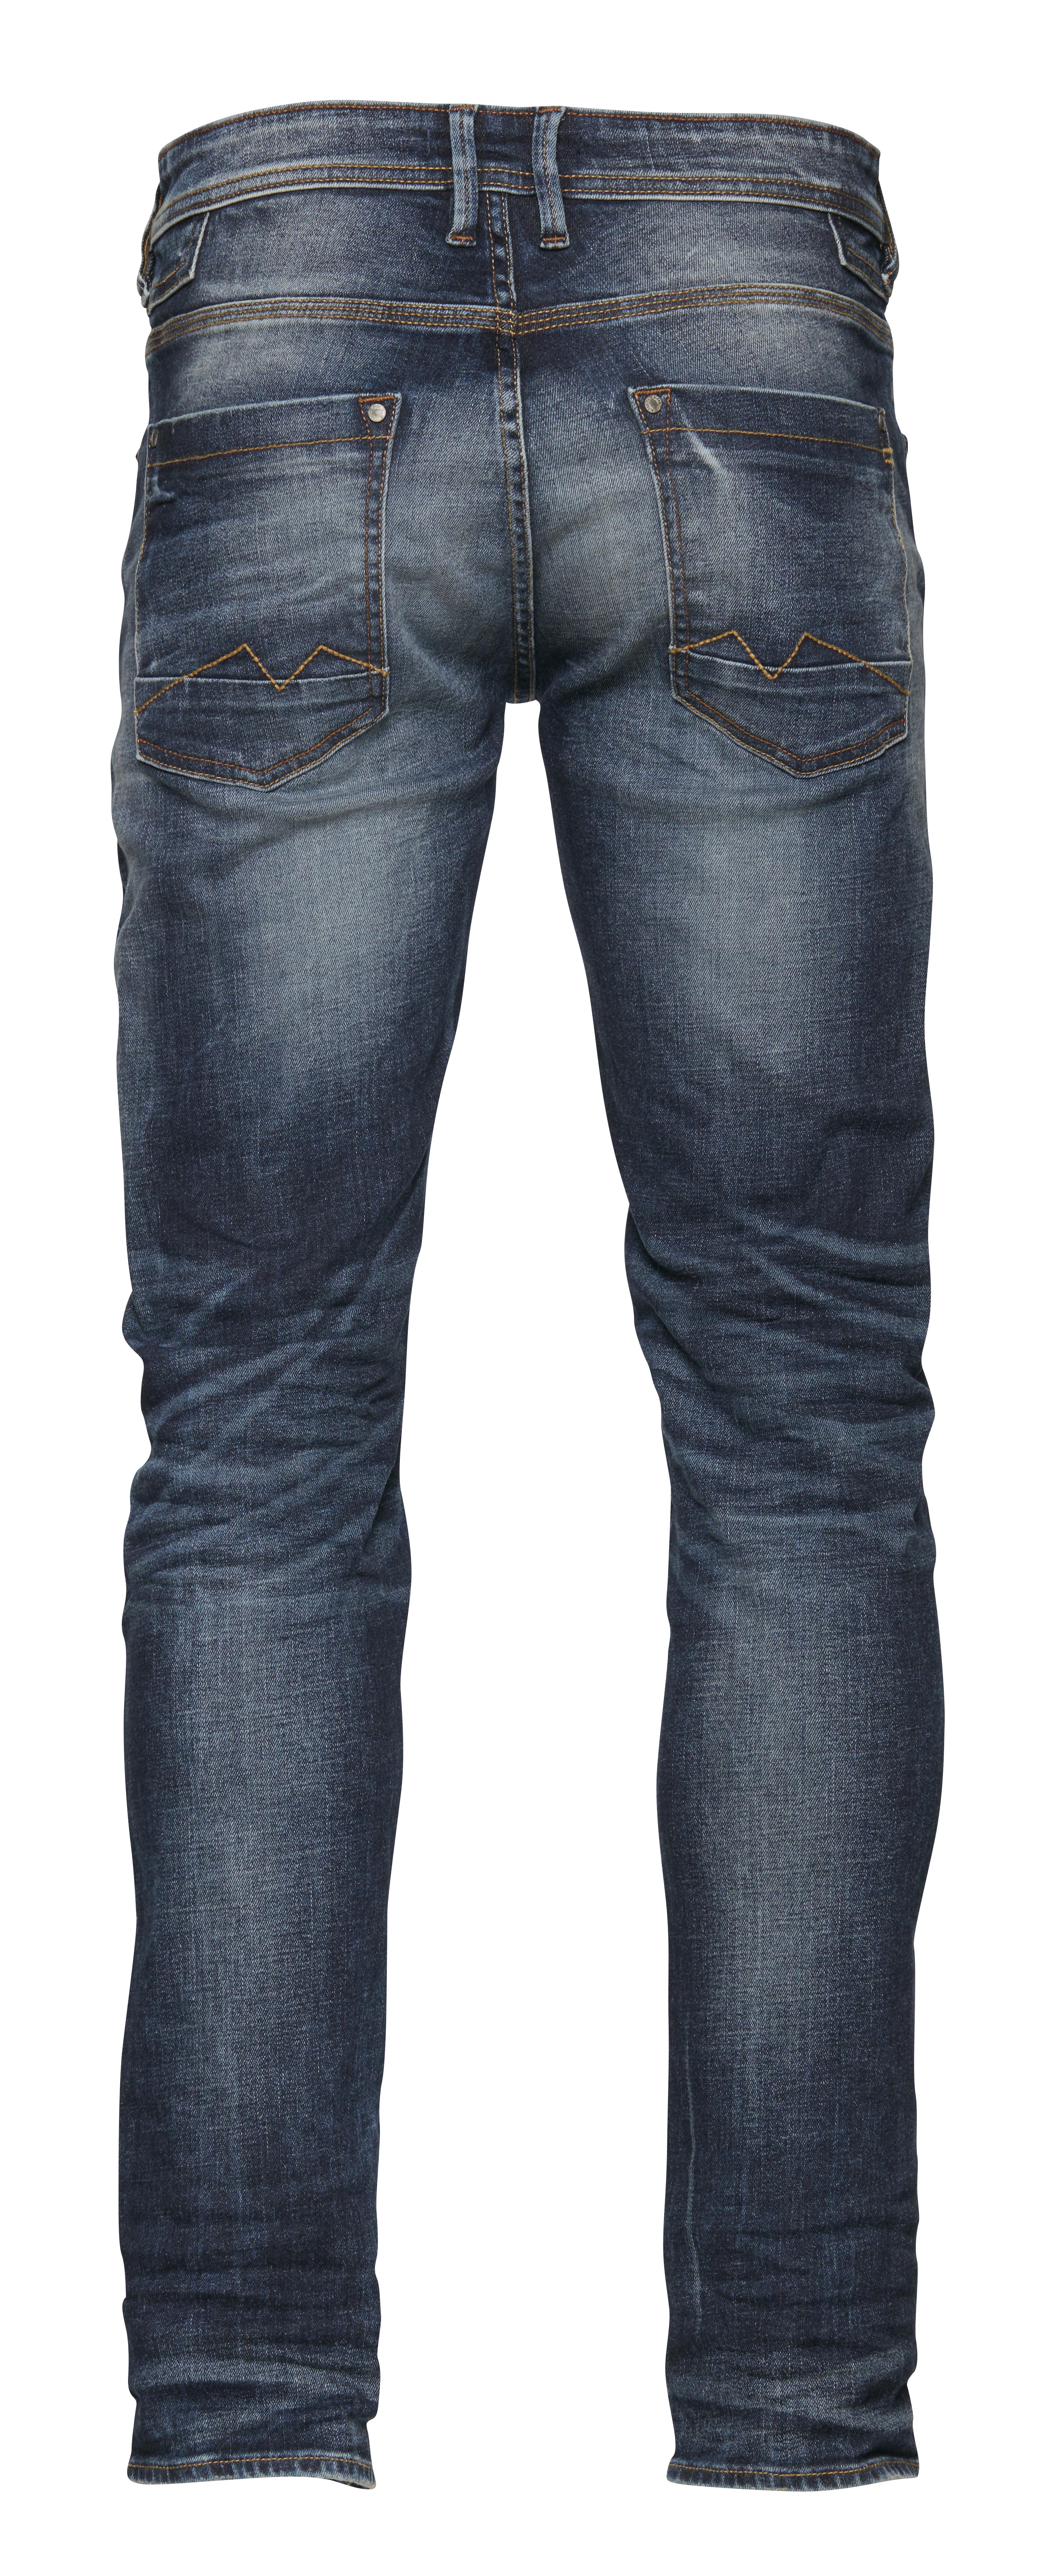 Denim darkblue Jet jeans fra Blend He – Køb Denim darkblue Jet jeans fra str. 33-36 her